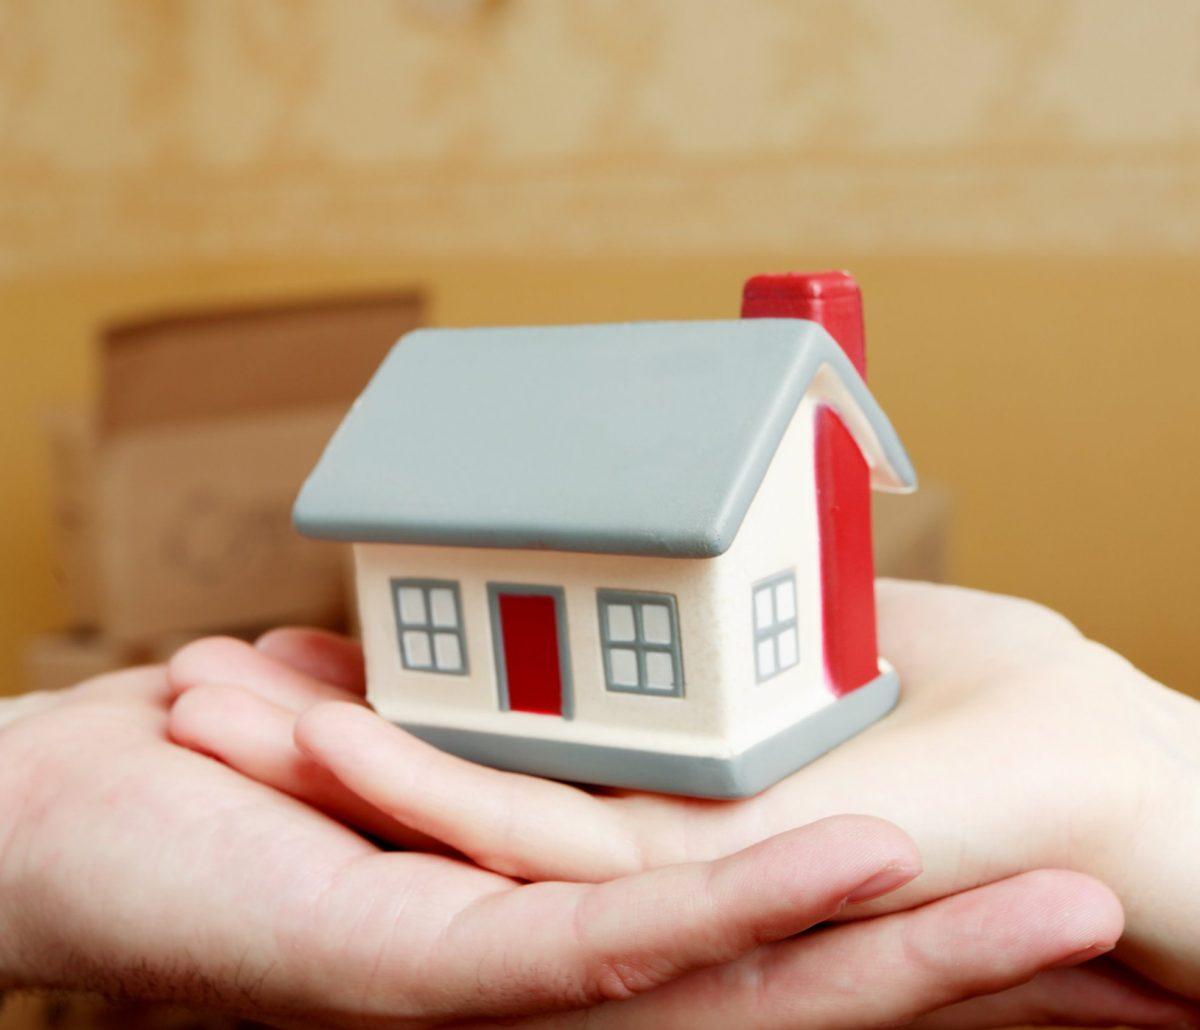 LOA immobilier : 8 choses à savoir sur la location avec option d'achat